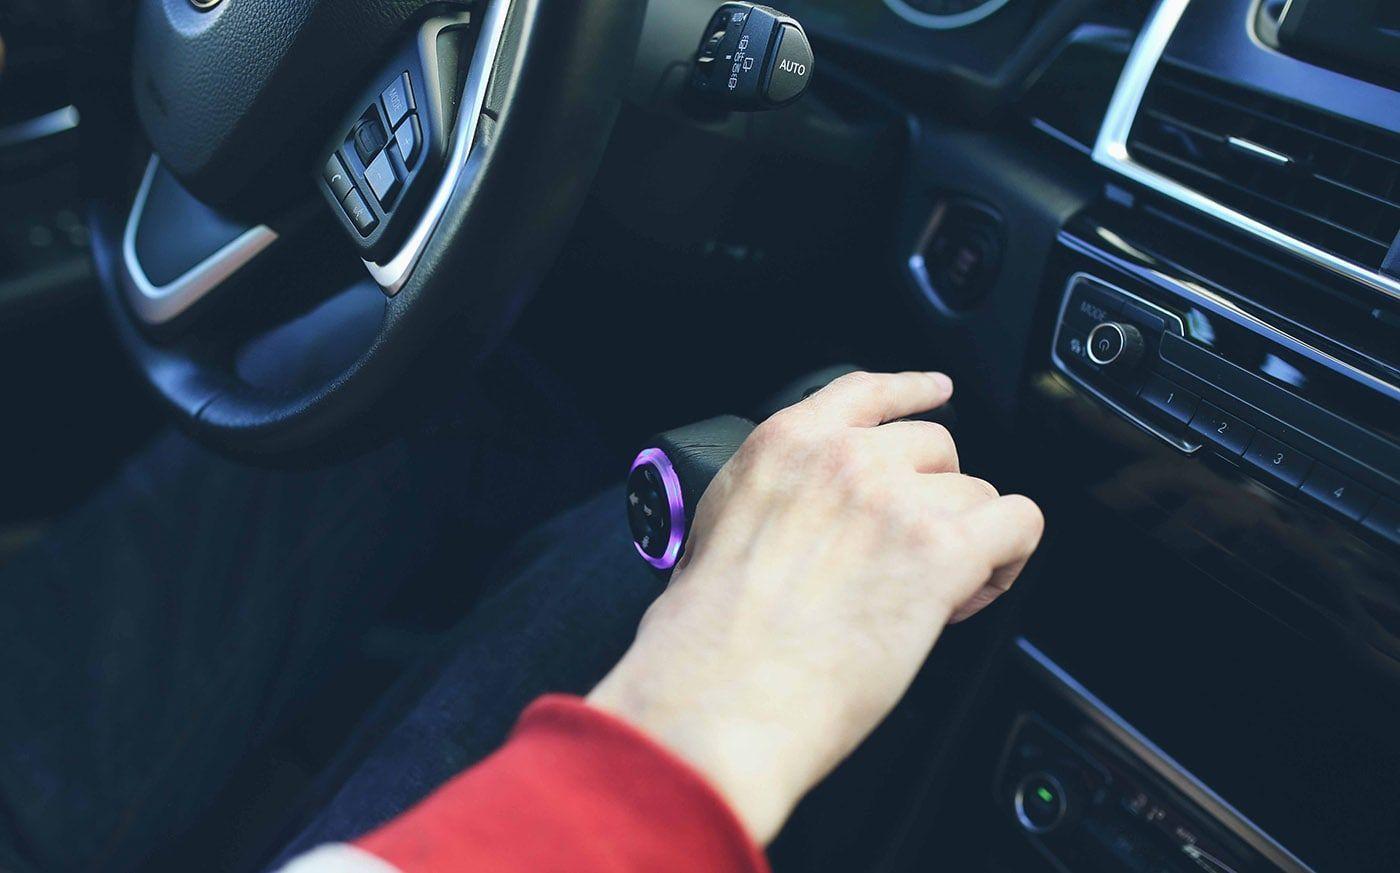 Mano en la adaptación del coche